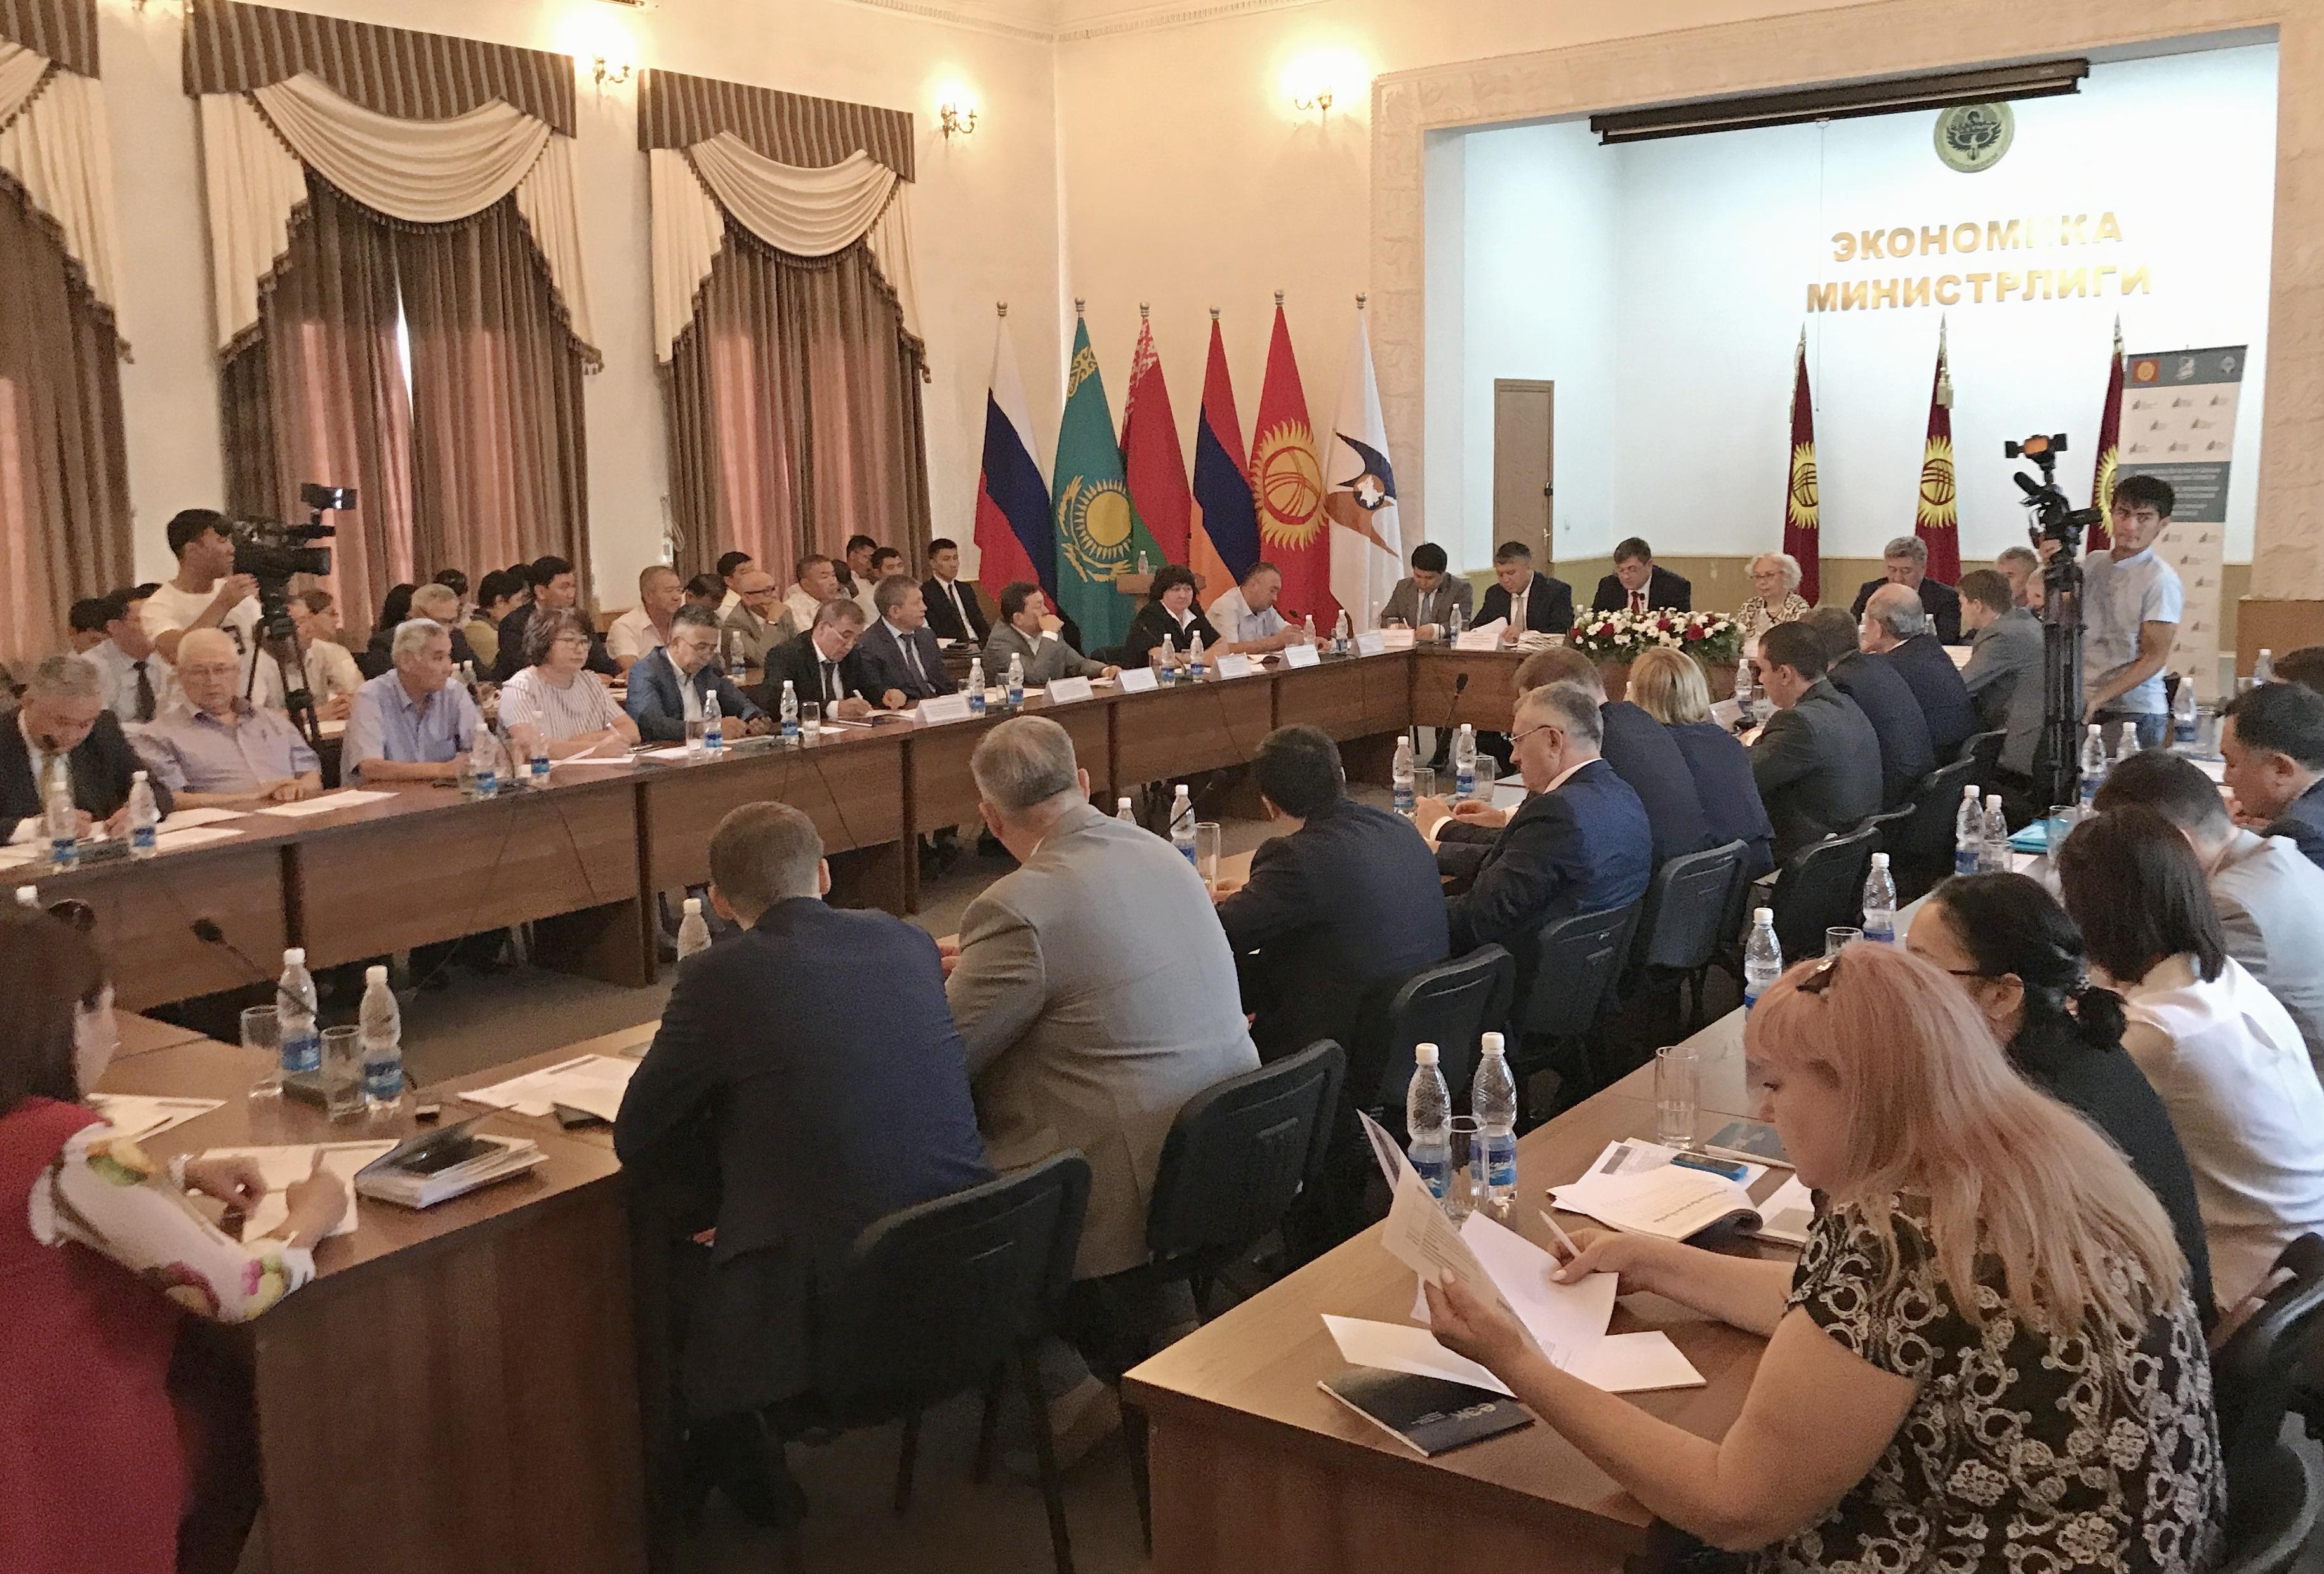 24.07.2017 В Бишкеке обсудили вопросы интеграции Кыргызской Республики в ЕАЭС